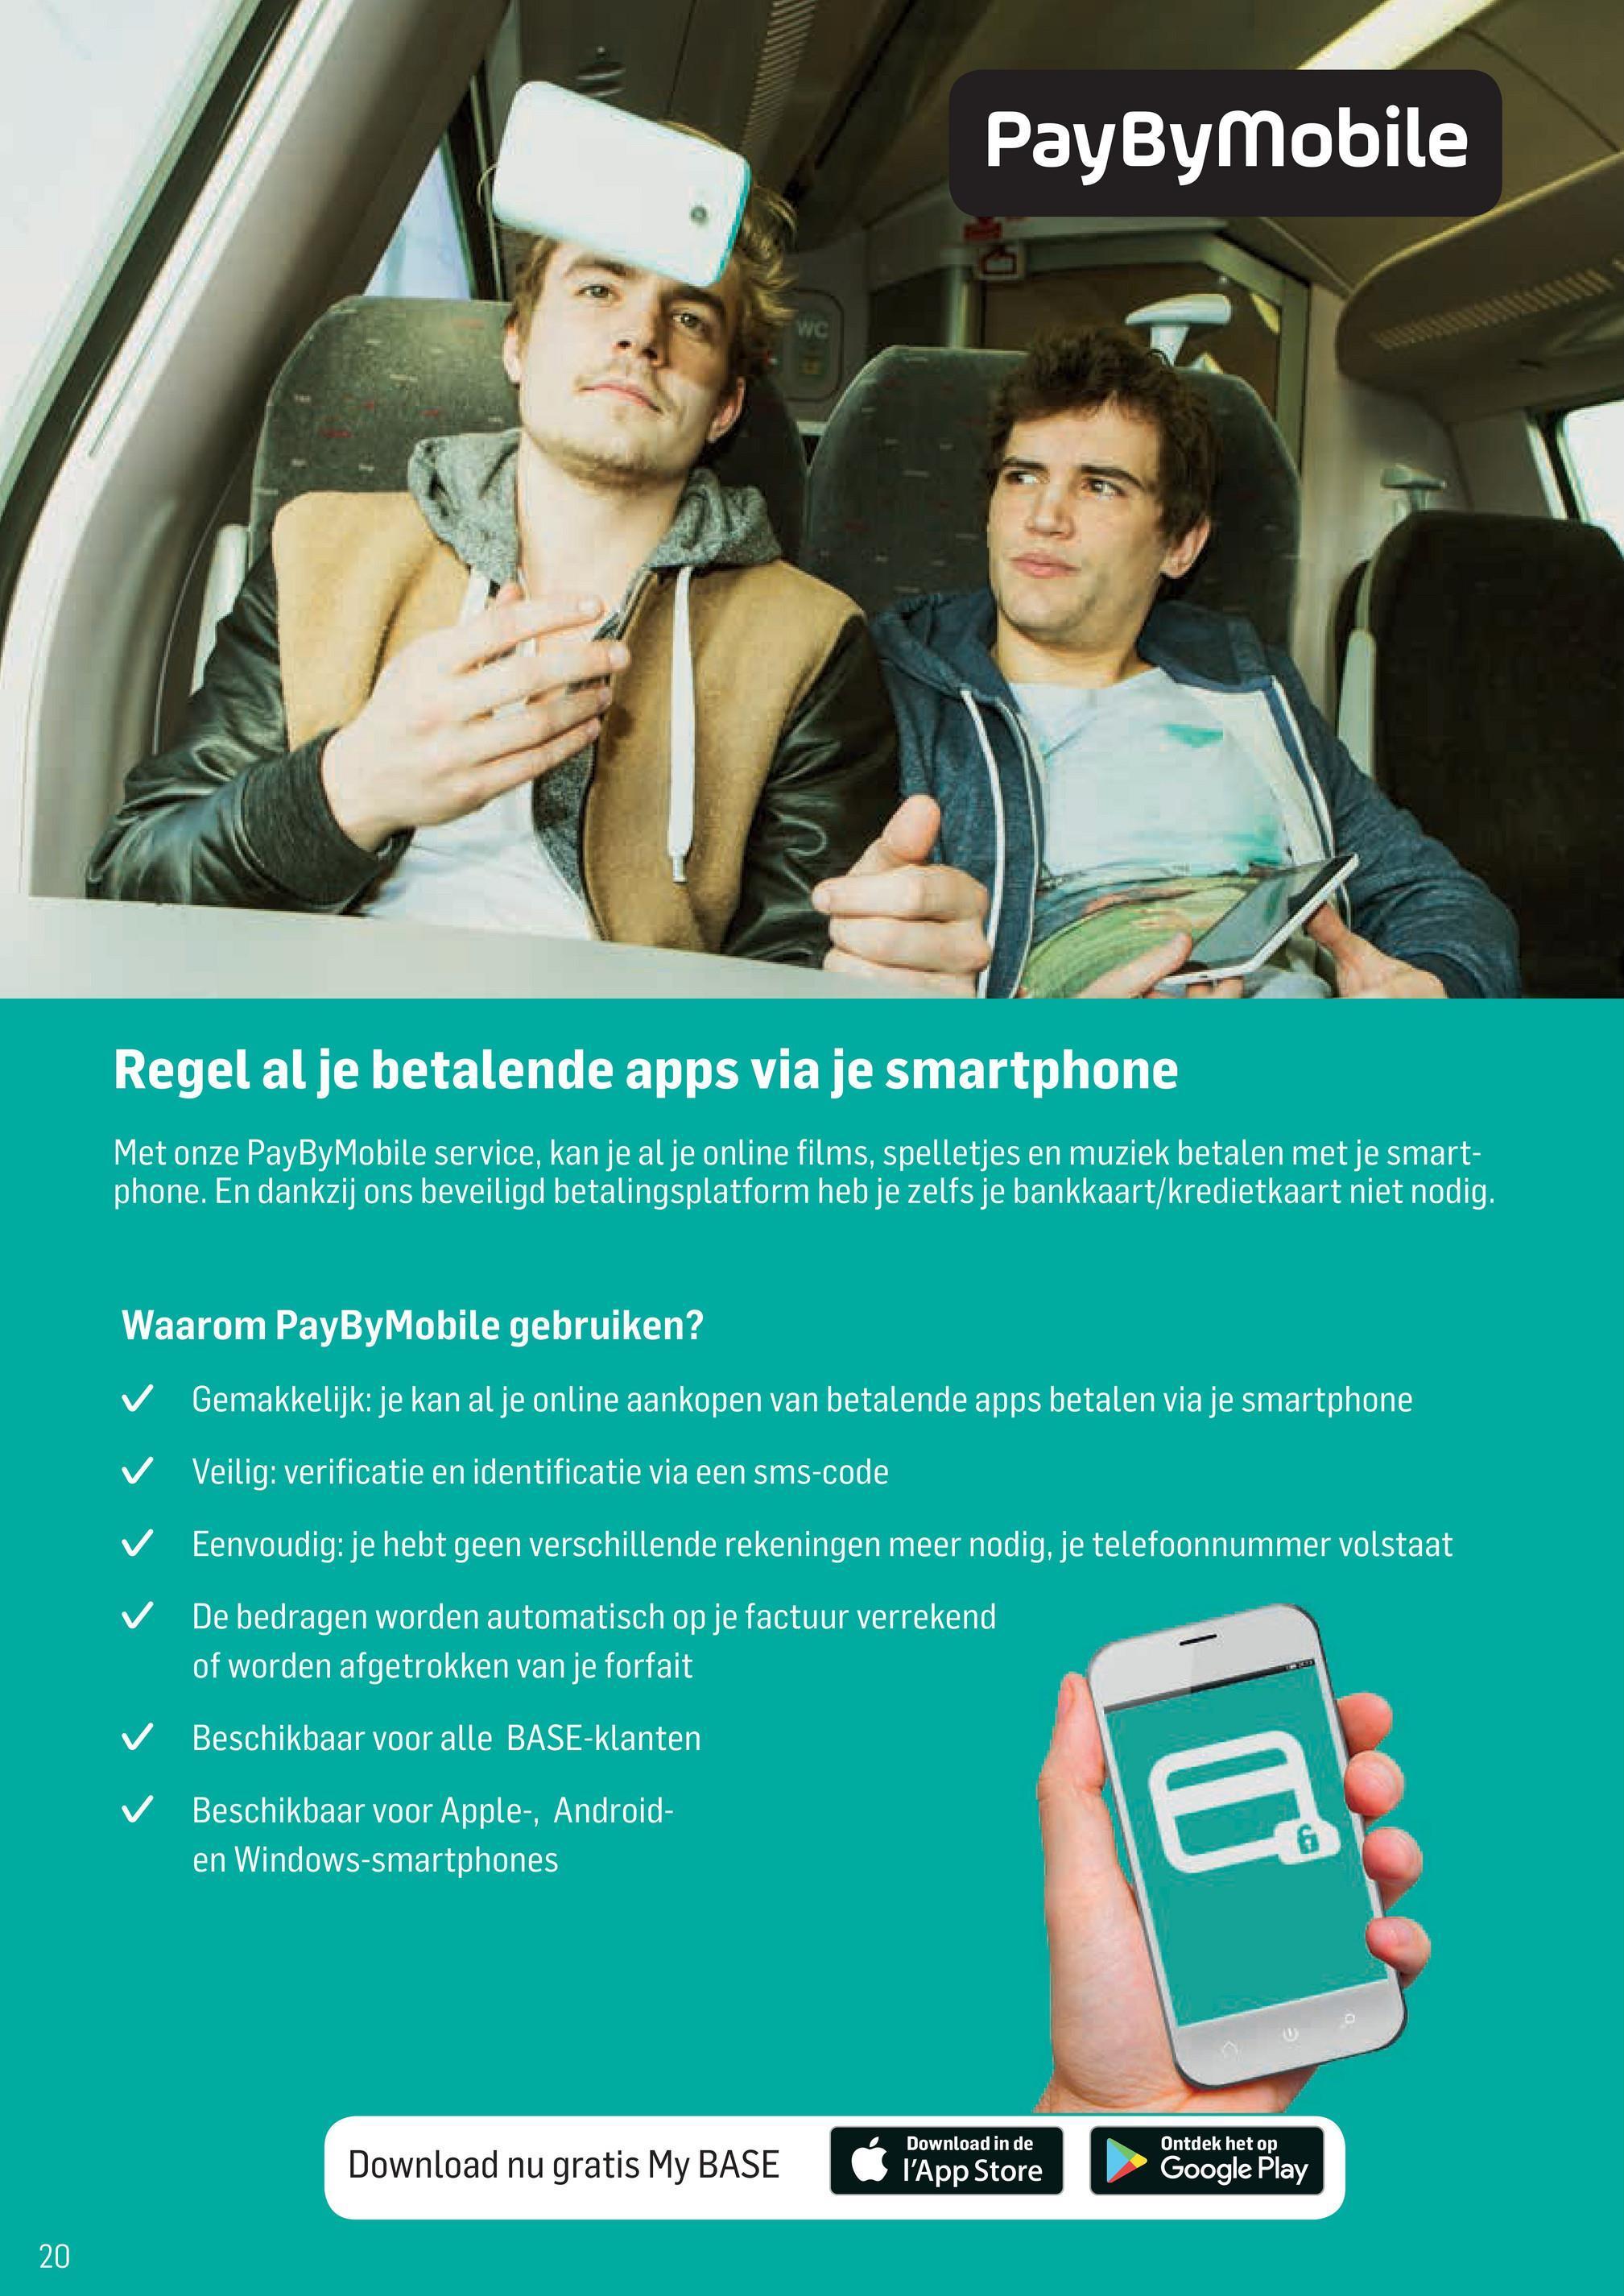 PayByMobile Regel al je betalende apps via je smartphone Met onze PayByMobile service, kan je al je online films, spelletjes en muziek betalen met je smart- phone. En dankzij ons beveiligd betalingsplatform heb je zelfs je bankkaart/kredietkaart niet nodig. Waarom PayByMobile gebruiken? ✓ Gemakkelijk: je kan al je online aankopen van betalende apps betalen via je smartphone ✓ Veilig: verificatie en identificatie via een sms-code ✓ Eenvoudig: je hebt geen verschillende rekeningen meer nodig, je telefoonnummer volstaat De bedragen worden automatisch op je factuur verrekend of worden afgetrokken van je forfait ✓ Beschikbaar voor alle BASE-klanten ✓ Beschikbaar voor Apple-, Android- en Windows-smartphones Download nu gratis My BASE Download in de l'App Store Ontdek het op Google Play 20.